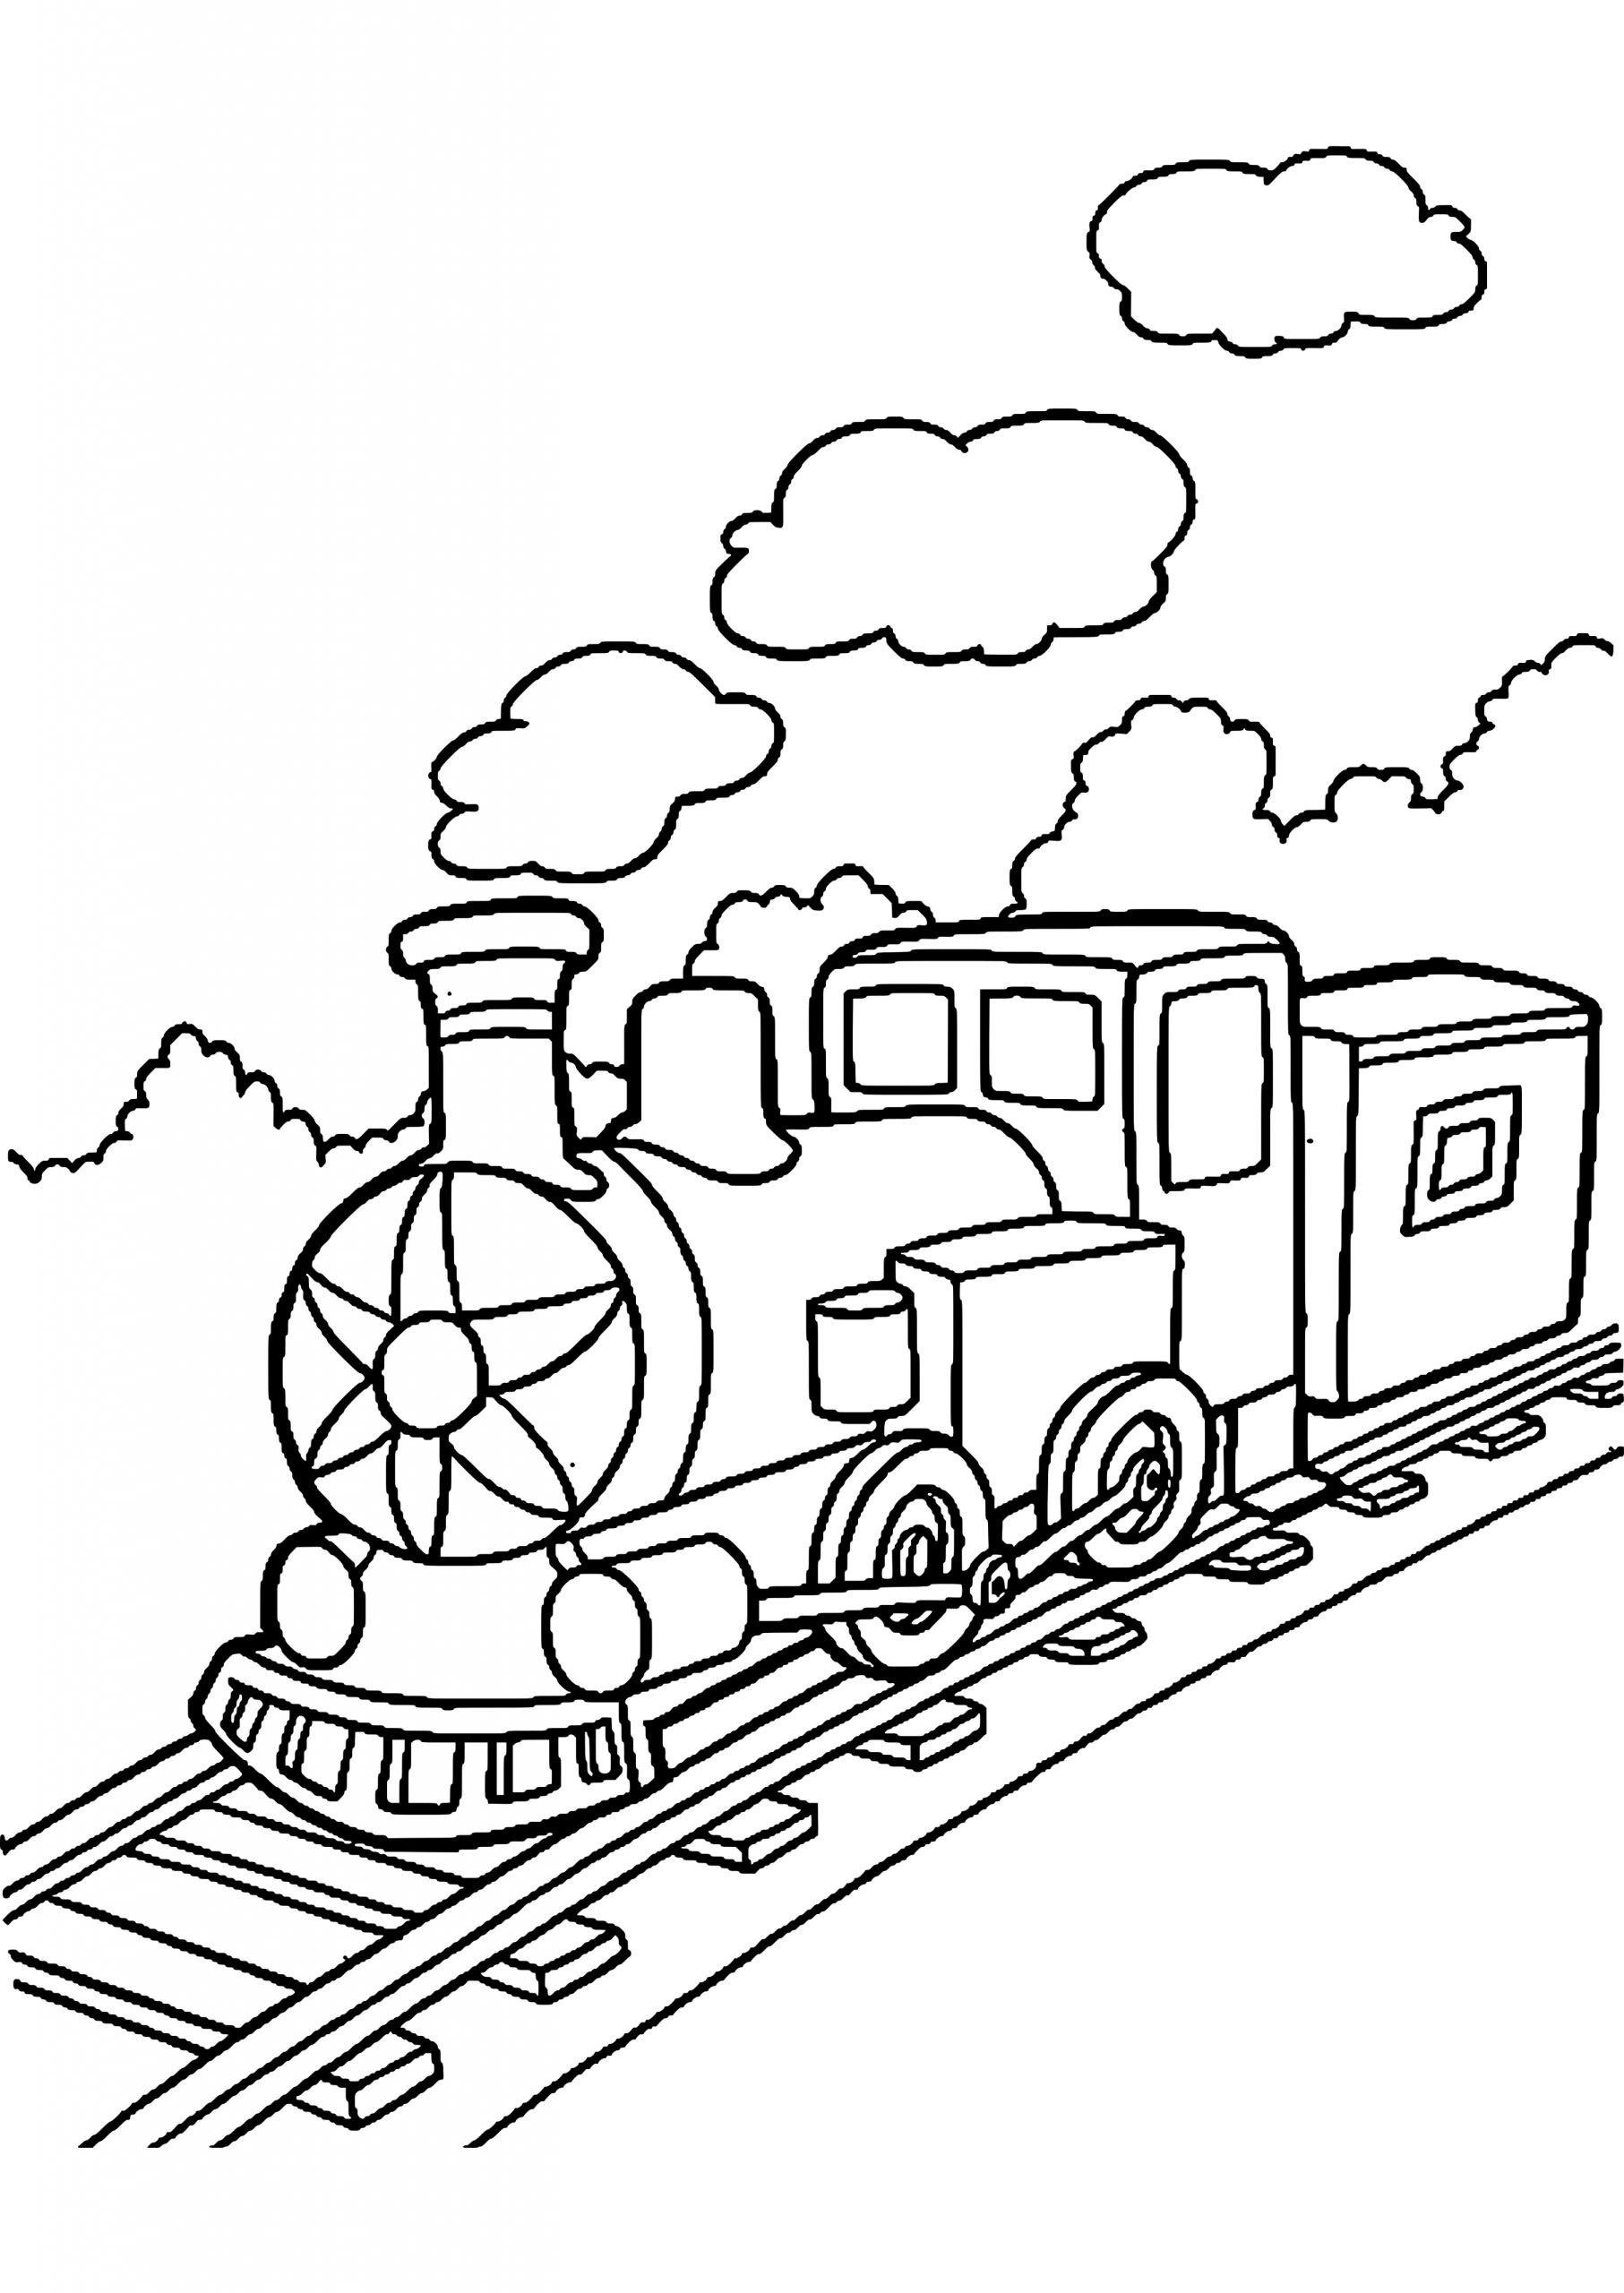 9 Beste Zug Ausmalbilder Kostenlos Zum Ausdrucken bei Eisenbahn Ausmalbilder